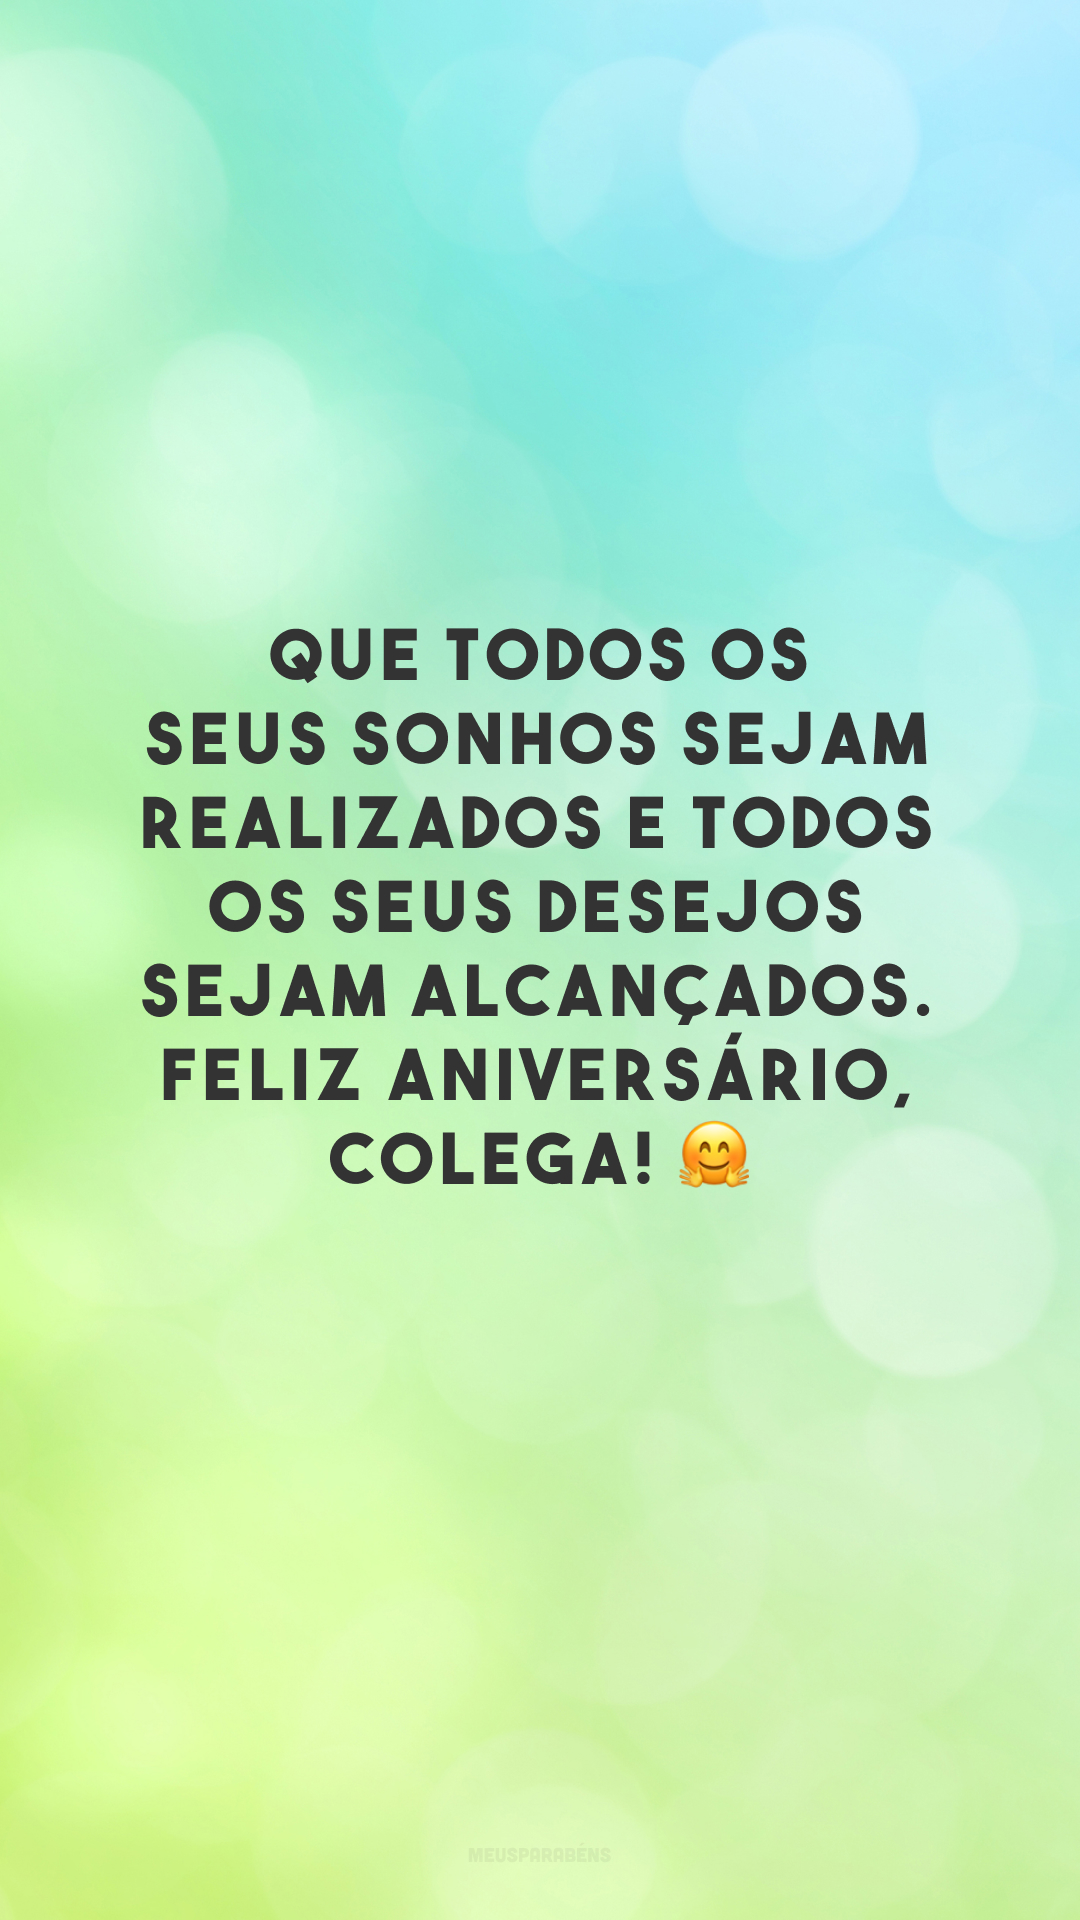 Que todos os seus sonhos sejam realizados e todos os seus desejos sejam alcançados. Feliz aniversário, colega! 🤗